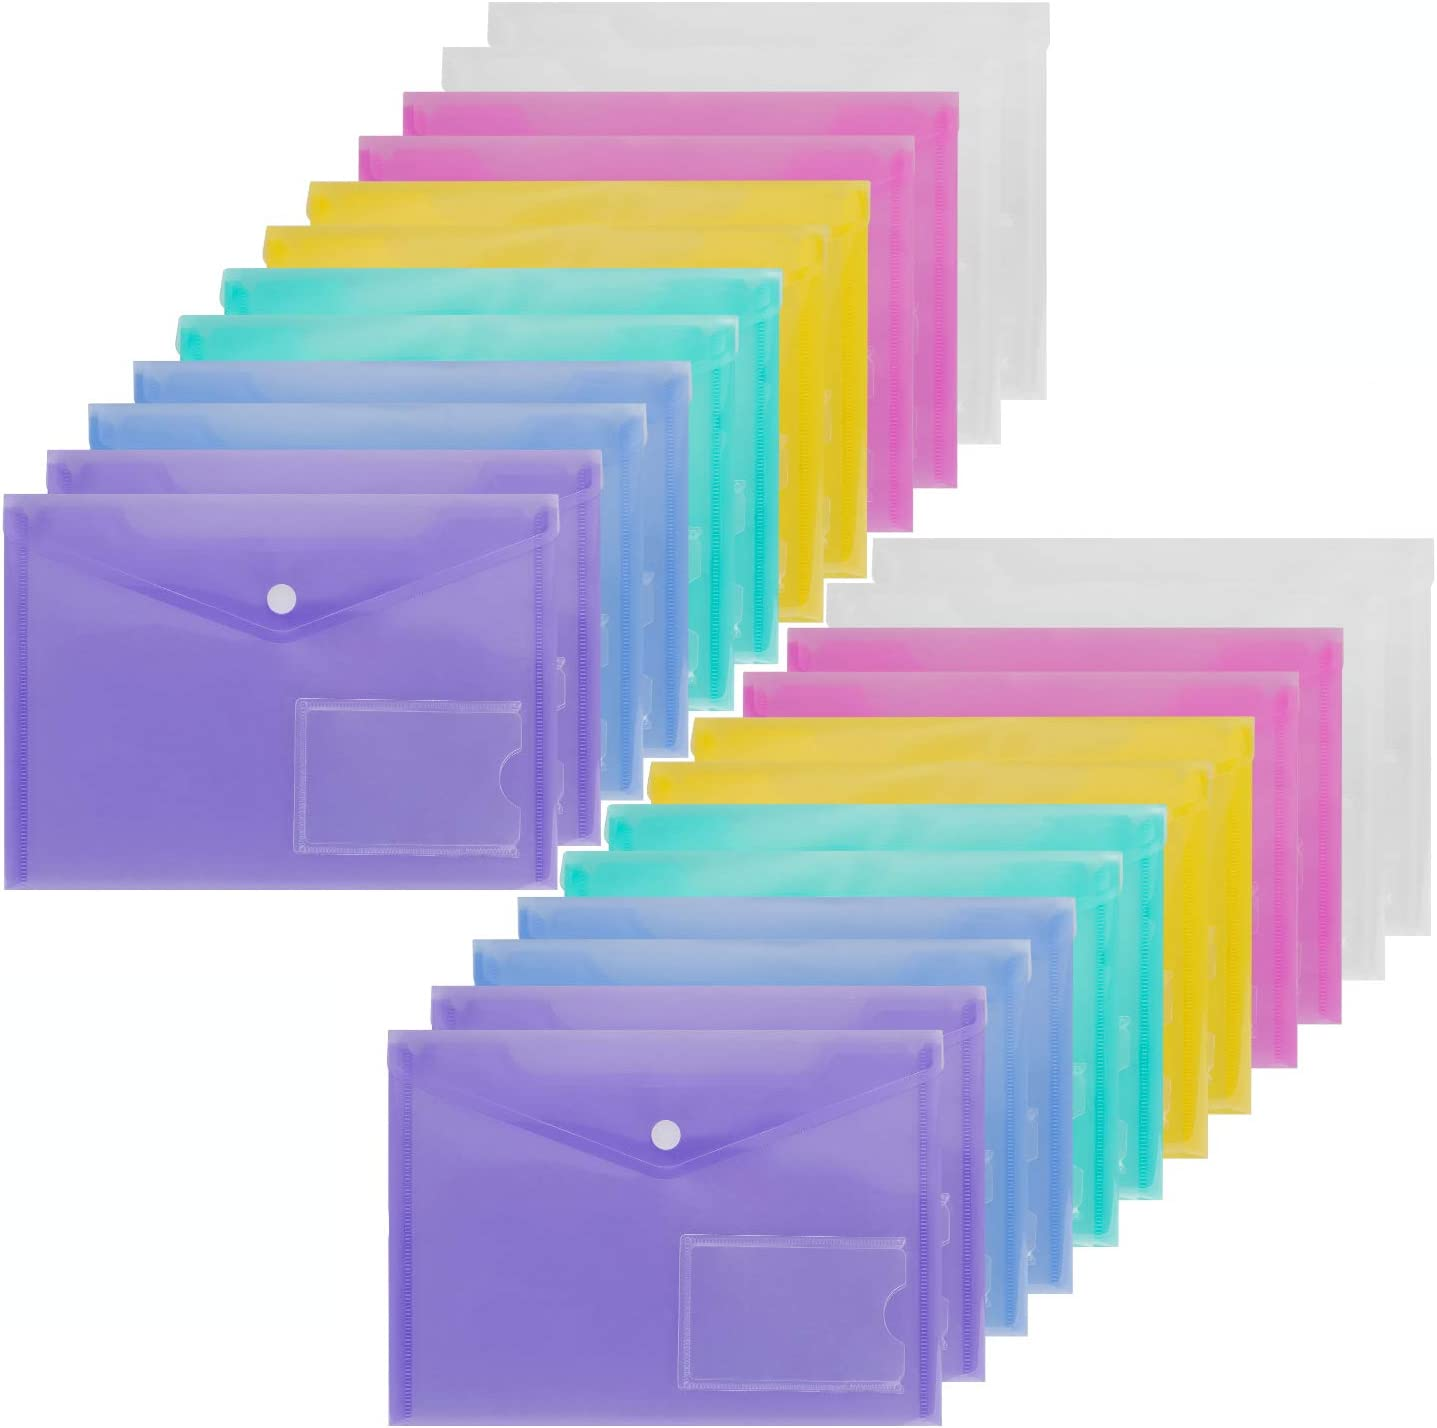 """500 Plain Document Enclosed Wallets Size A6 4.5x6.5/"""" Plastic Envelopes FREE P+P"""